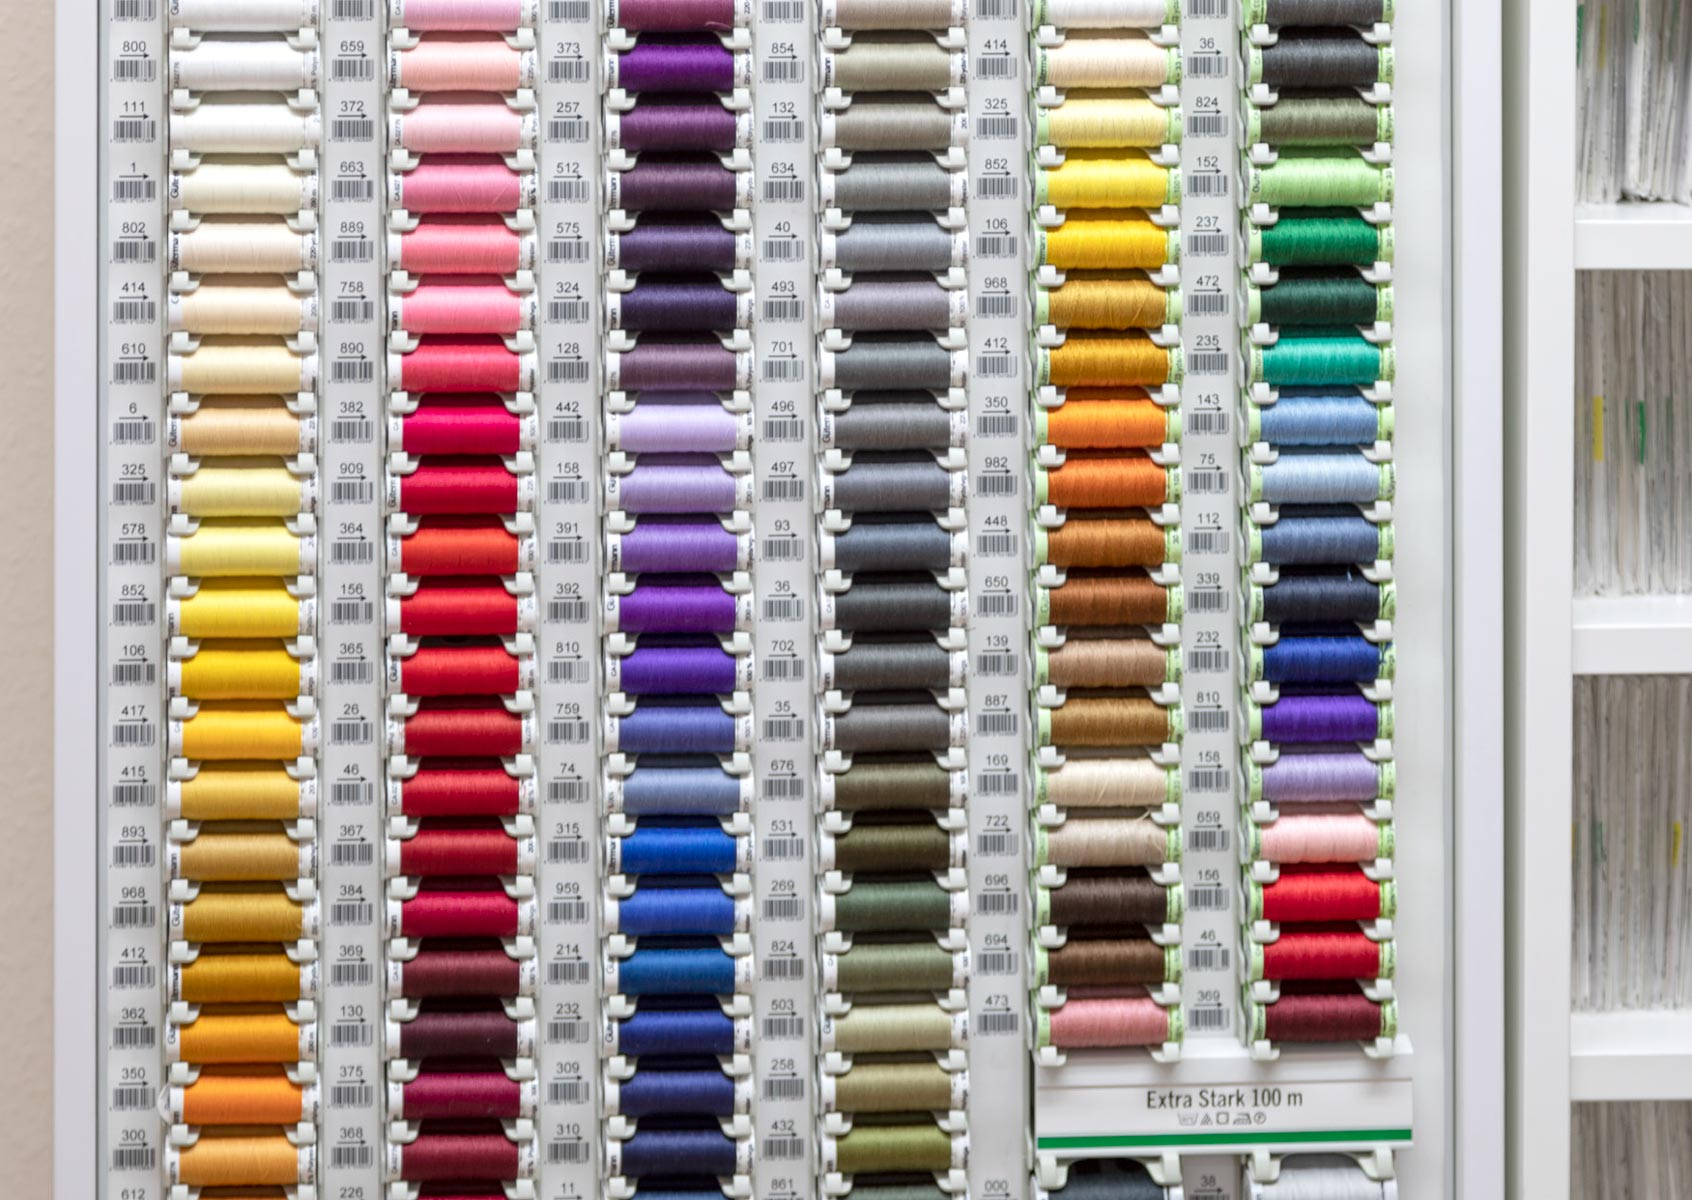 Garne in allen Farben